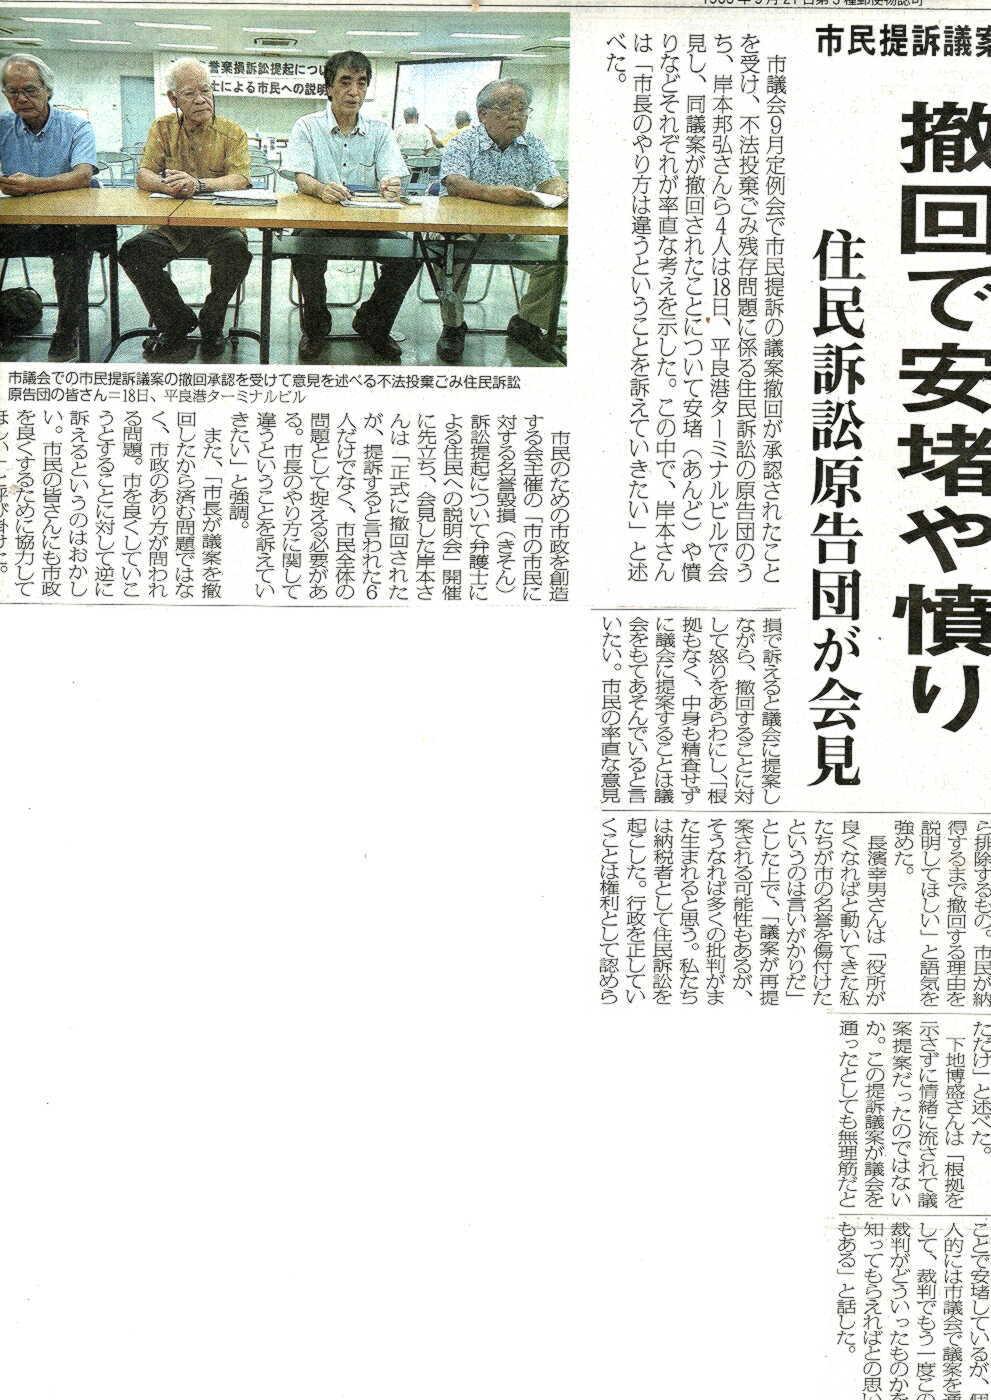 miyakomainichi2019 09192